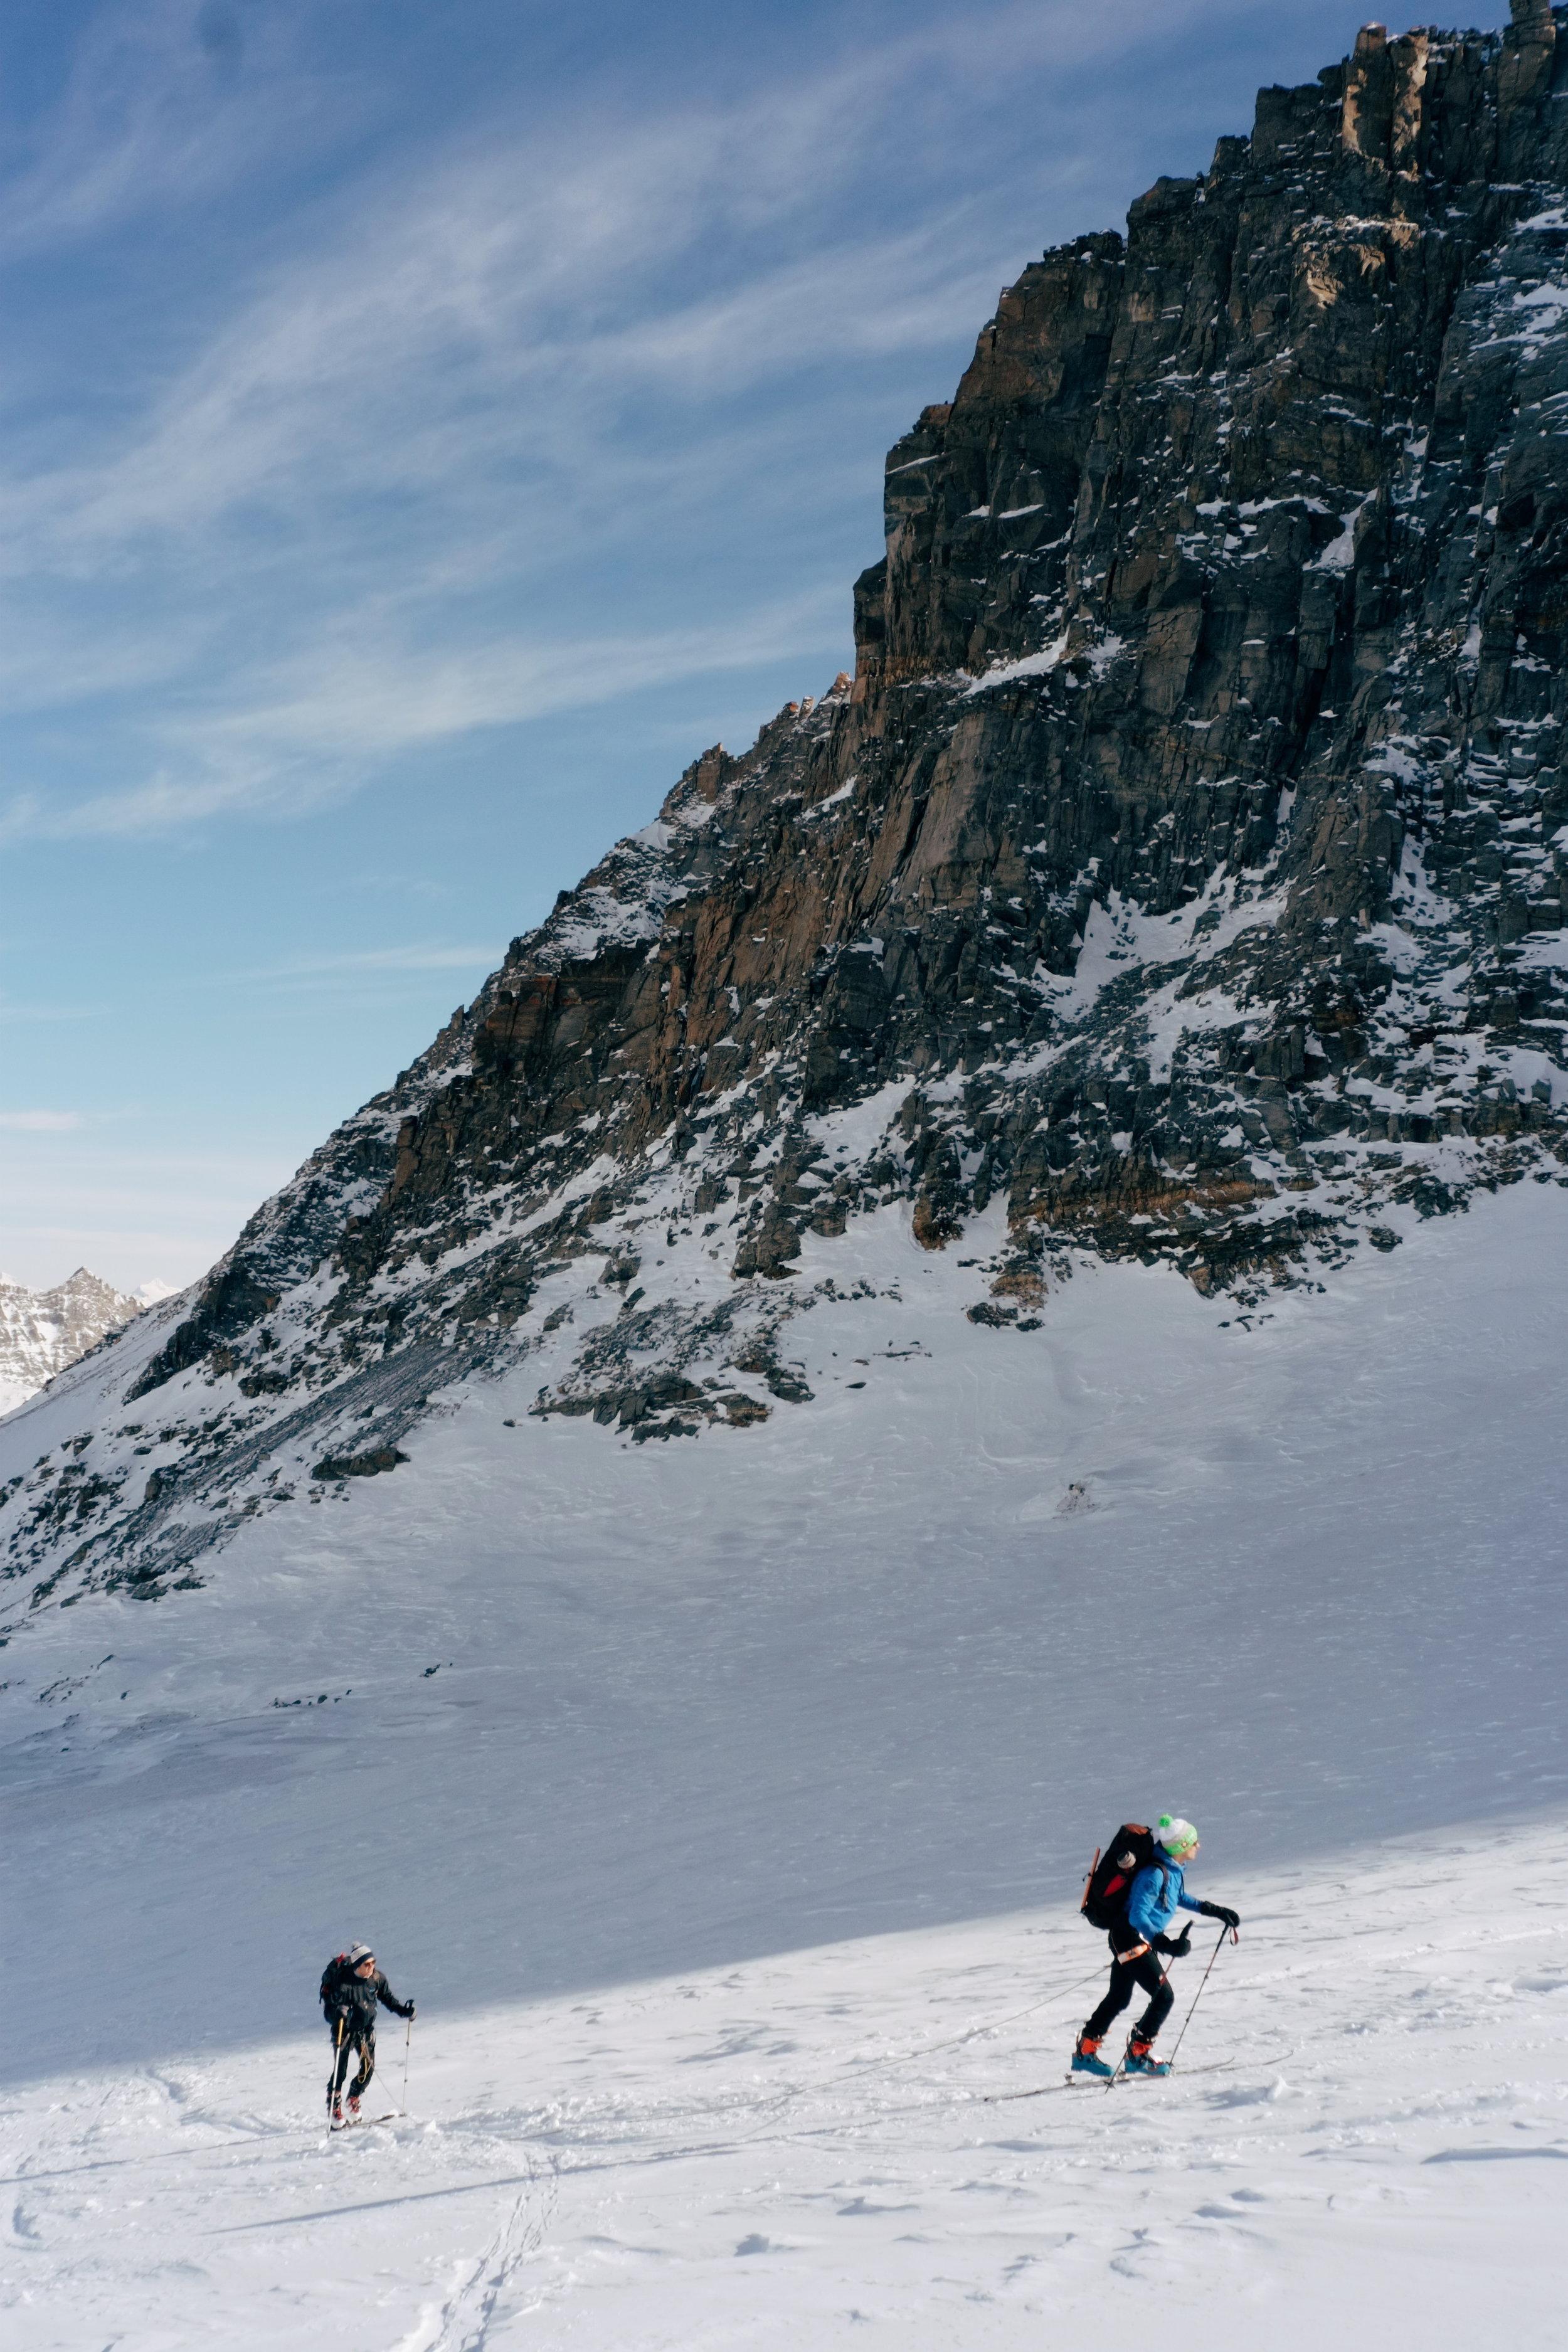 Montée encordée sur la glacier de Laveciau.